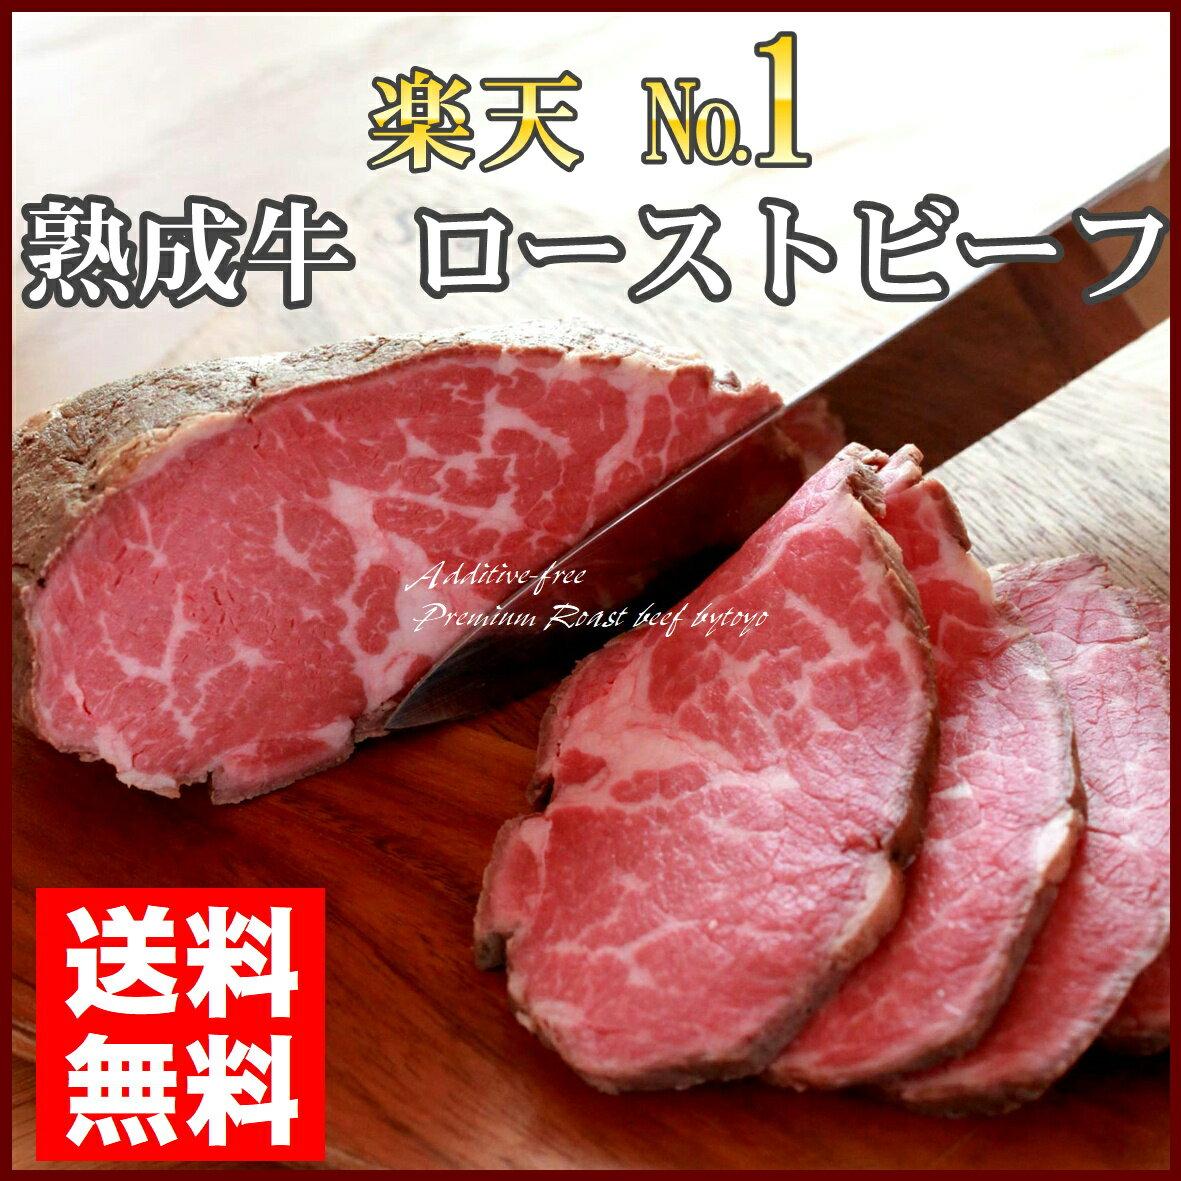 熟成牛 無添加食品 プレミアム ローストビーフ 約300g 高級 ギフト 熟成肉 お取り寄せ 送料無料 あす楽 父の日 お中元 おつまみ